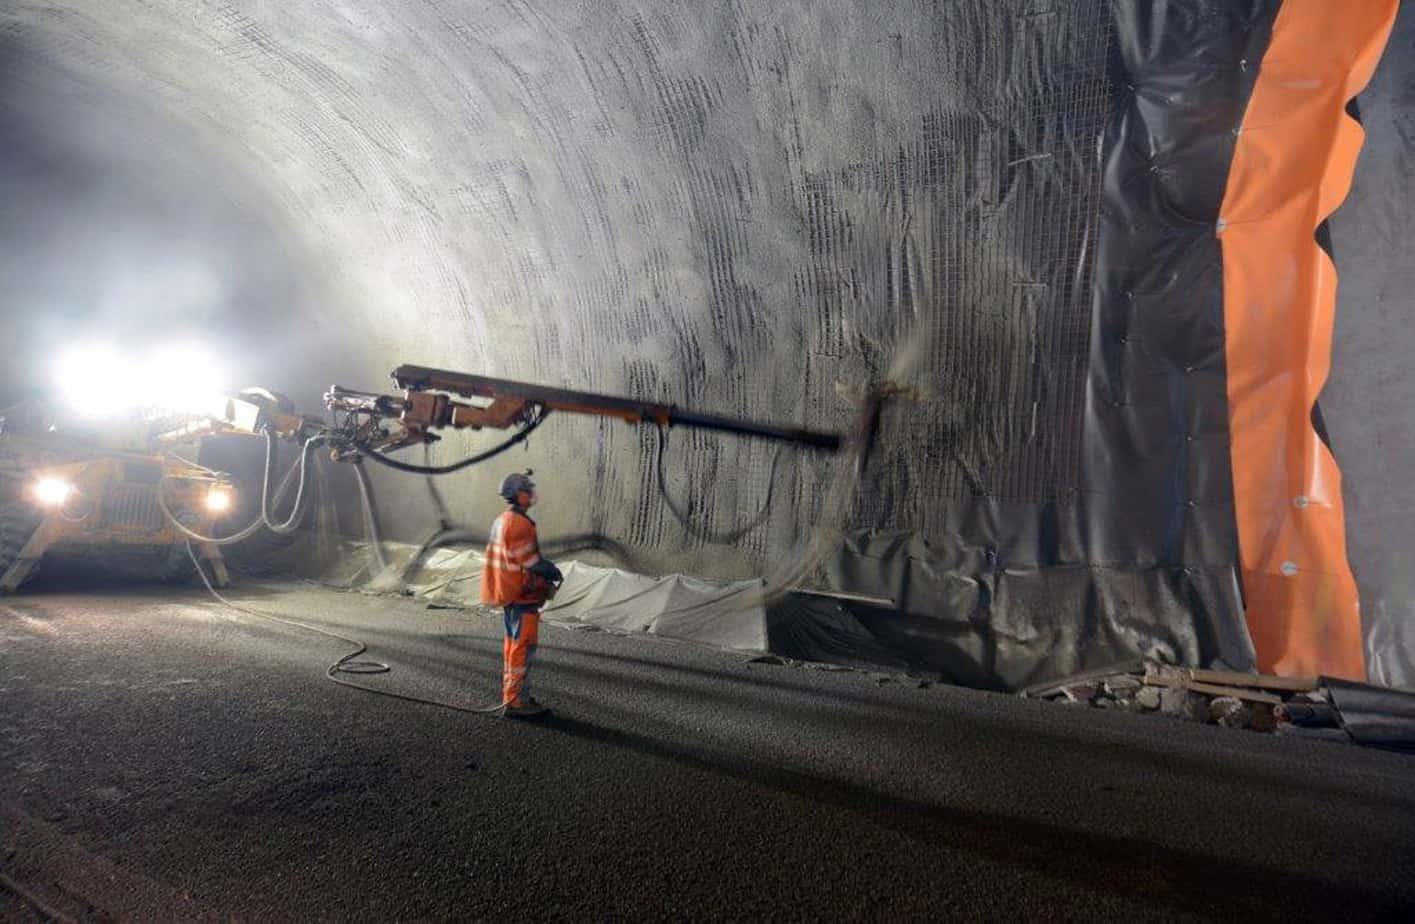 Un'immagine dei lavori nella galleria di sicurezza Mitholz: una vista dell'applicazione del calcestruzzo proiettato per la realizzazione del rivestimento definitivo